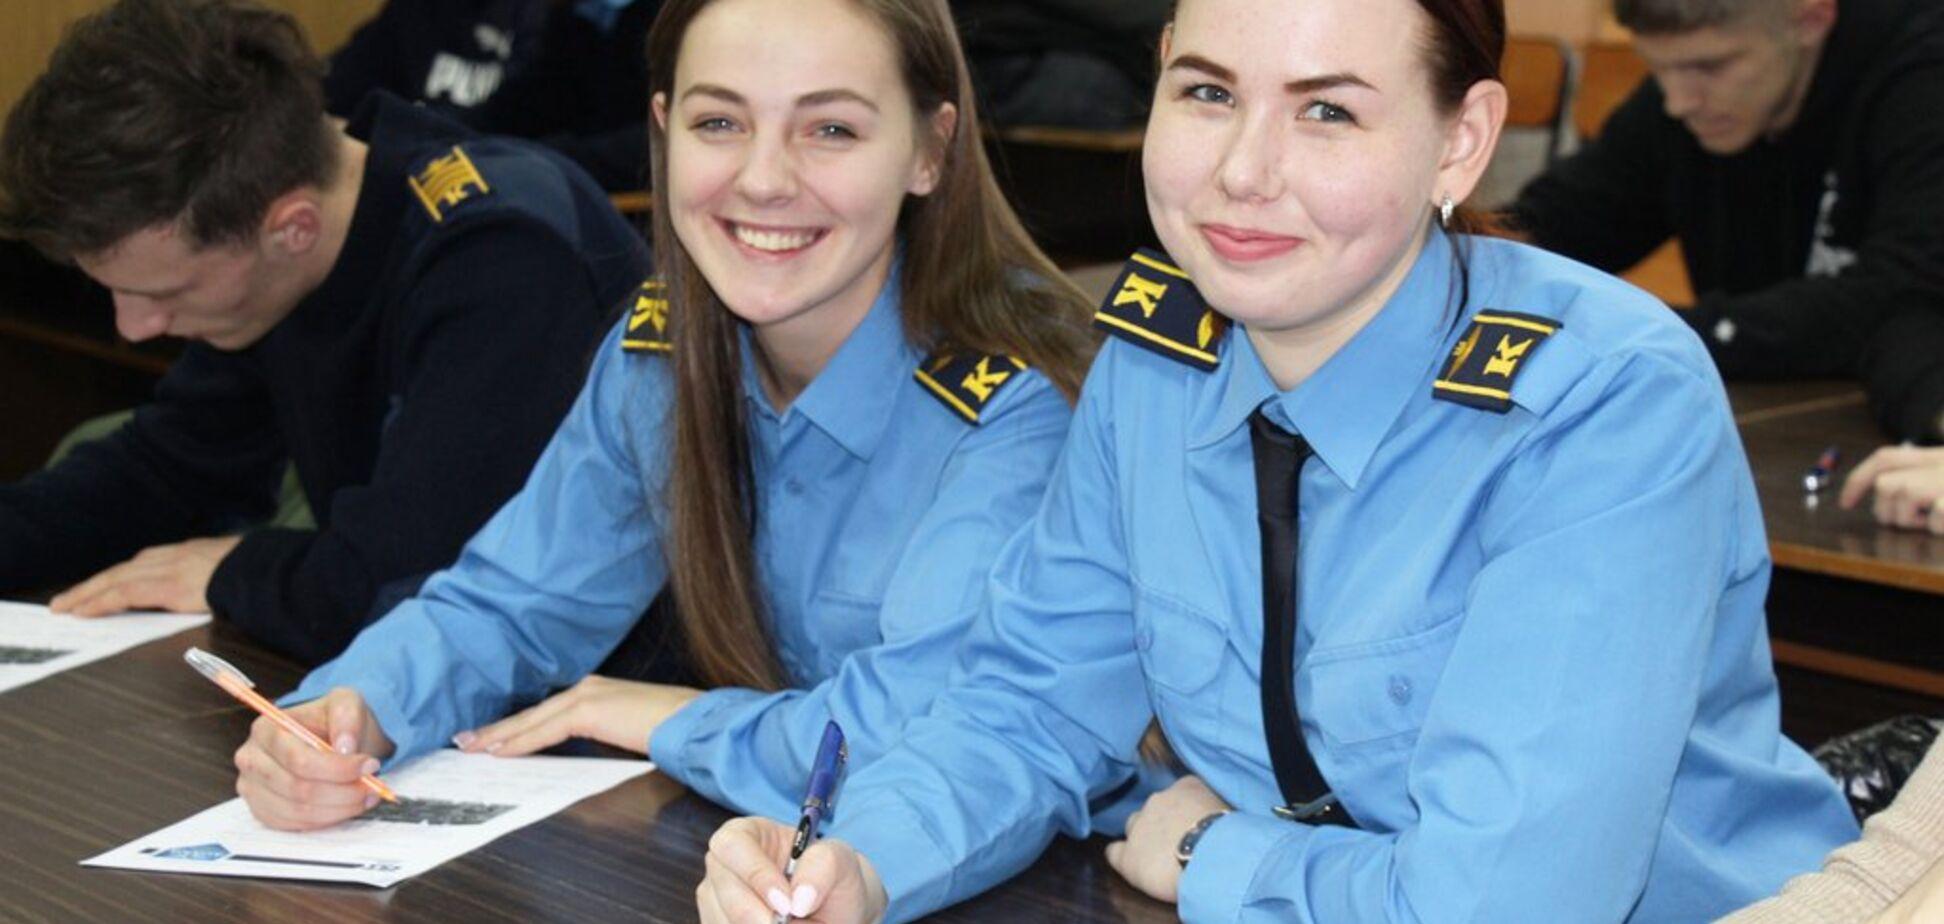 Влітку – в Лондон: українські студенти борються за поїздку на найпрестижніший авіасалон